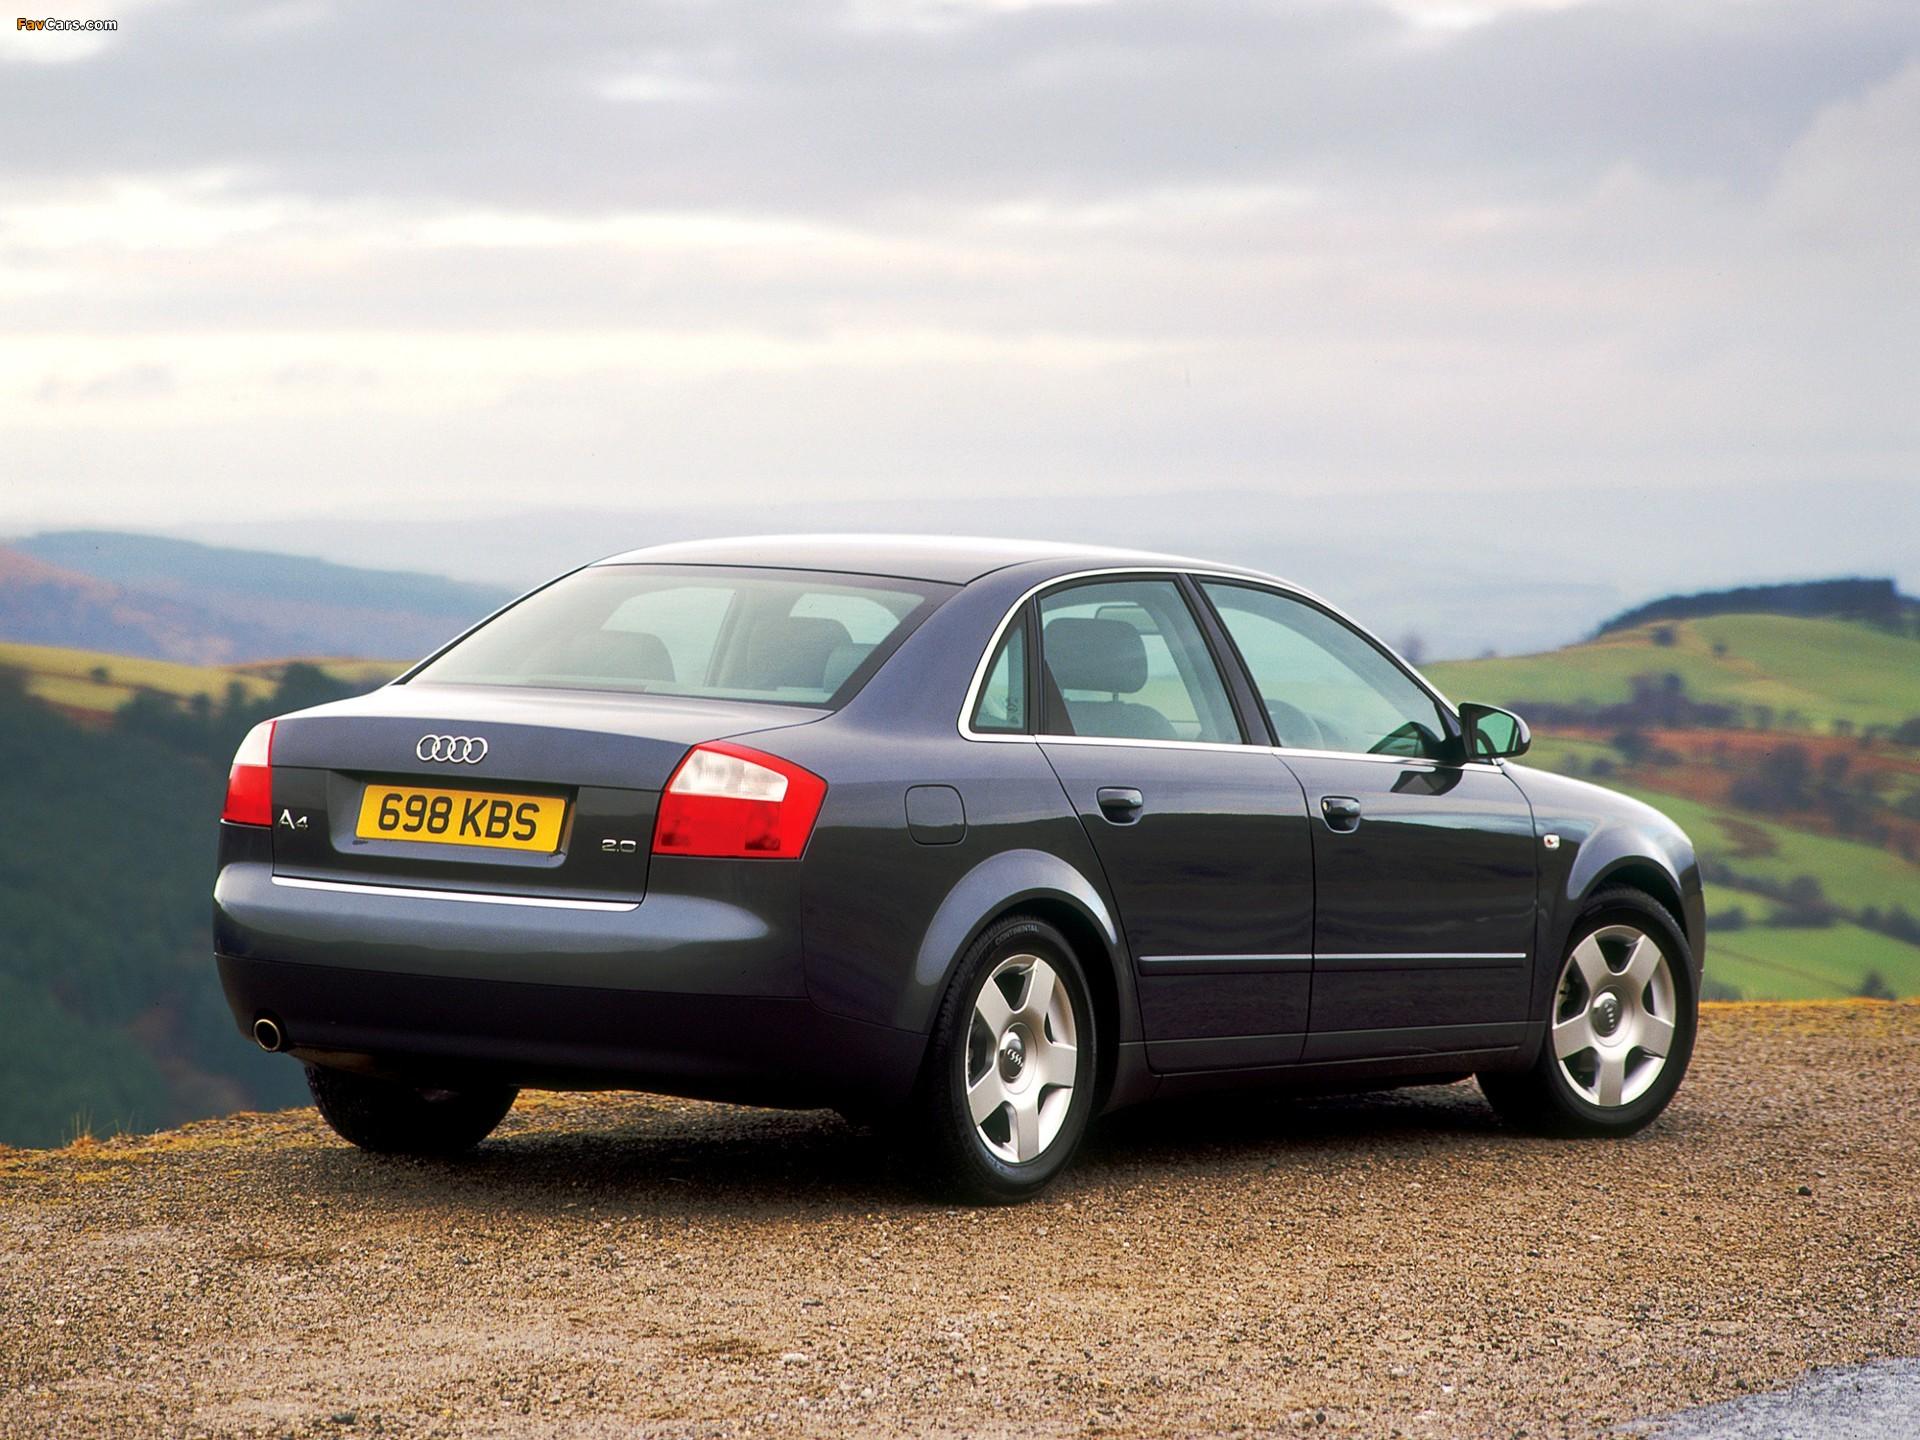 Kelebihan Kekurangan Audi A4 2004 Harga